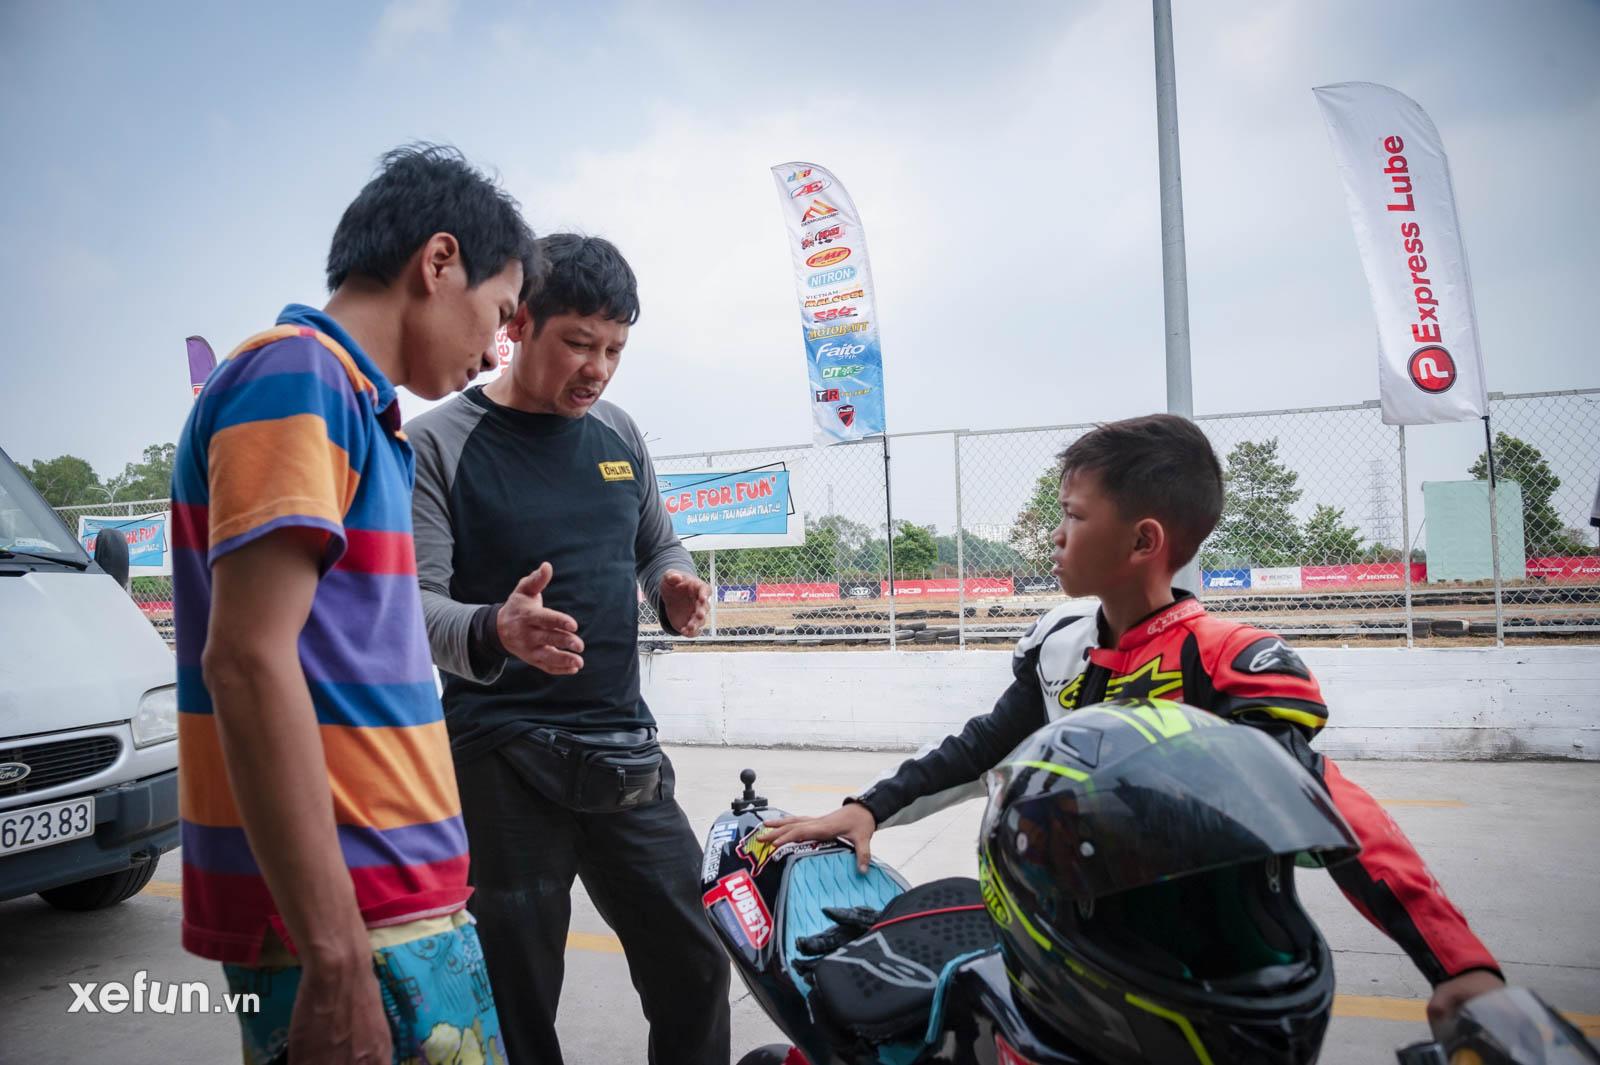 Bé Su 9 tuổi của Gia Cát Việt Tuấn cùng HLV Quân Trần Racing trên Xefun (1)657